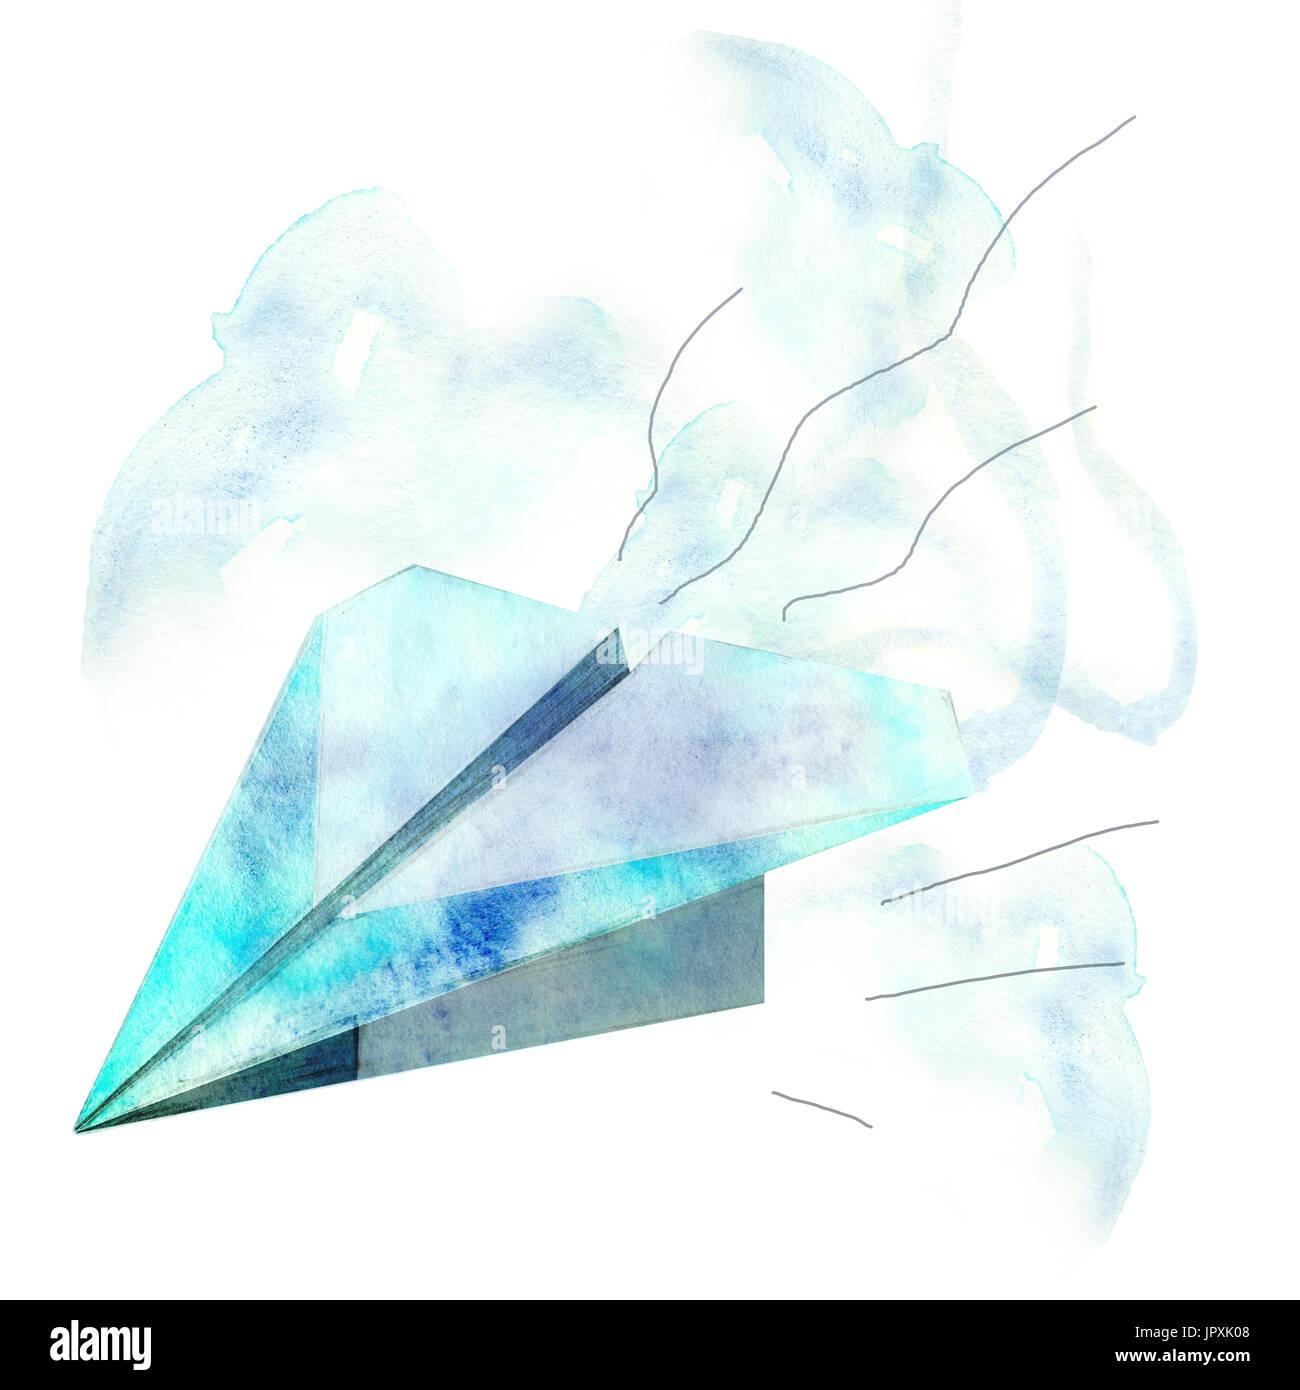 Acquerello disegnata a mano aeroplano di carta Immagini Stock